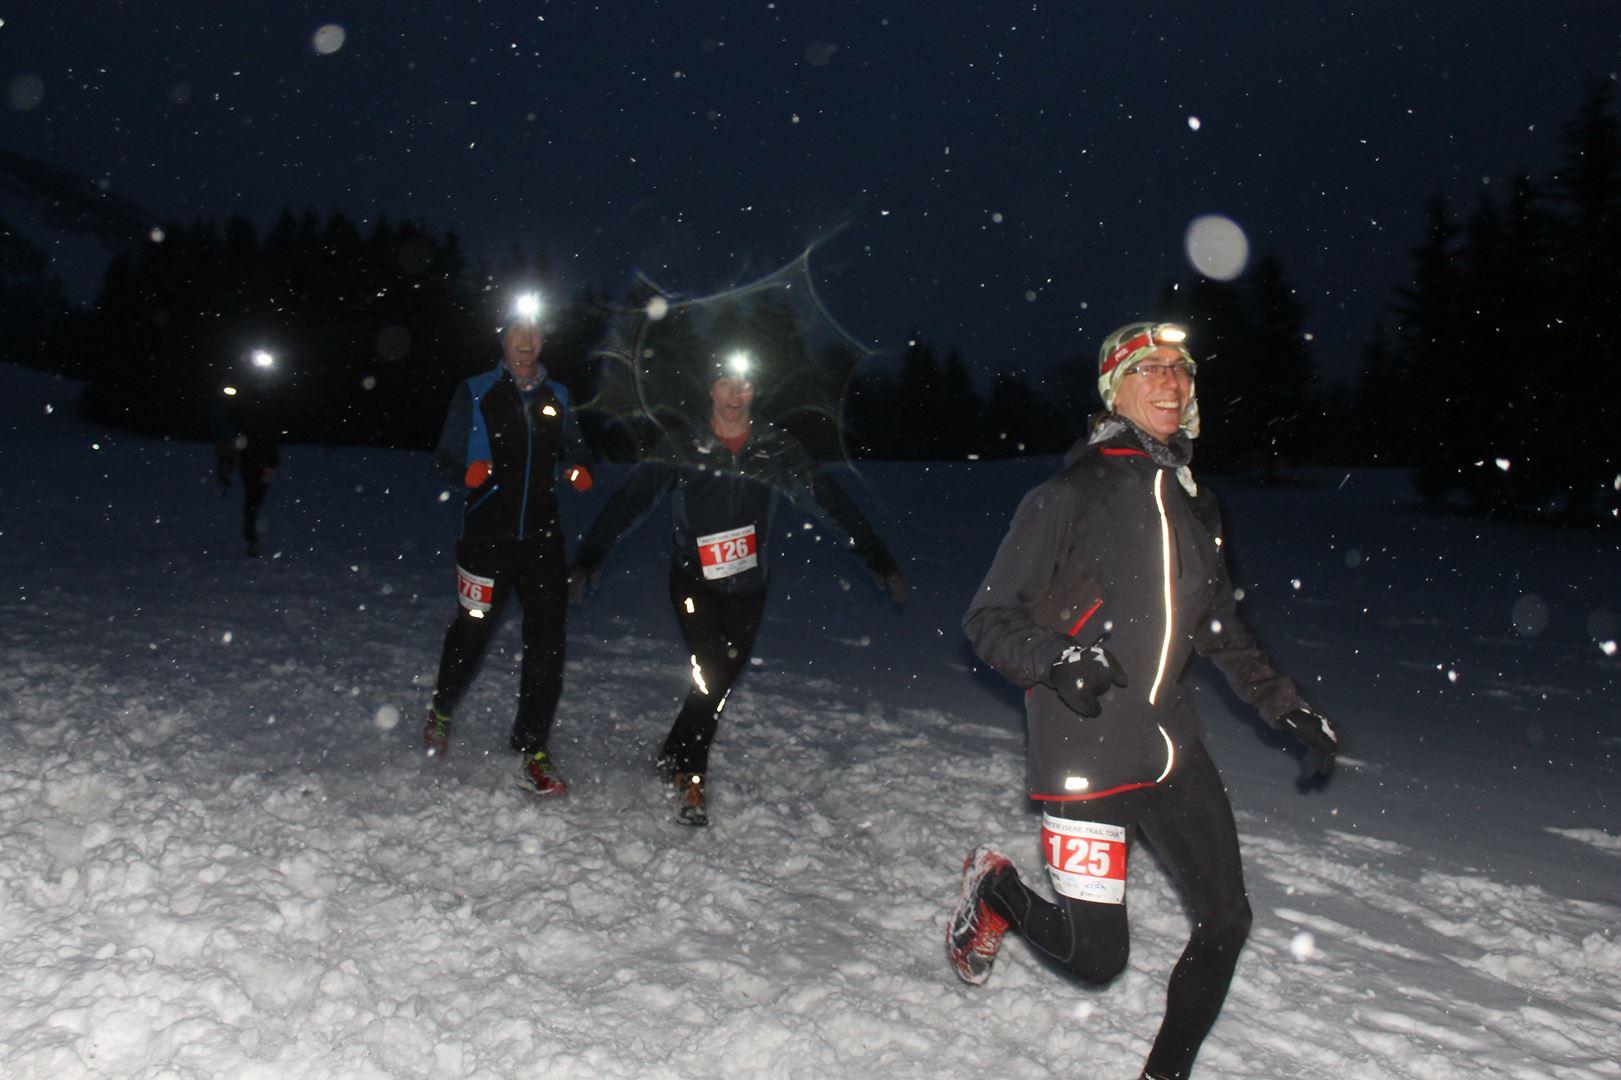 groupe en descente sur le 2ème tour du 16km - RESULTATS , COMMENTAIRES ET PHOTOS DU TRAIL BLANC DE LANS EN VERCORS (38) 04-03-2017